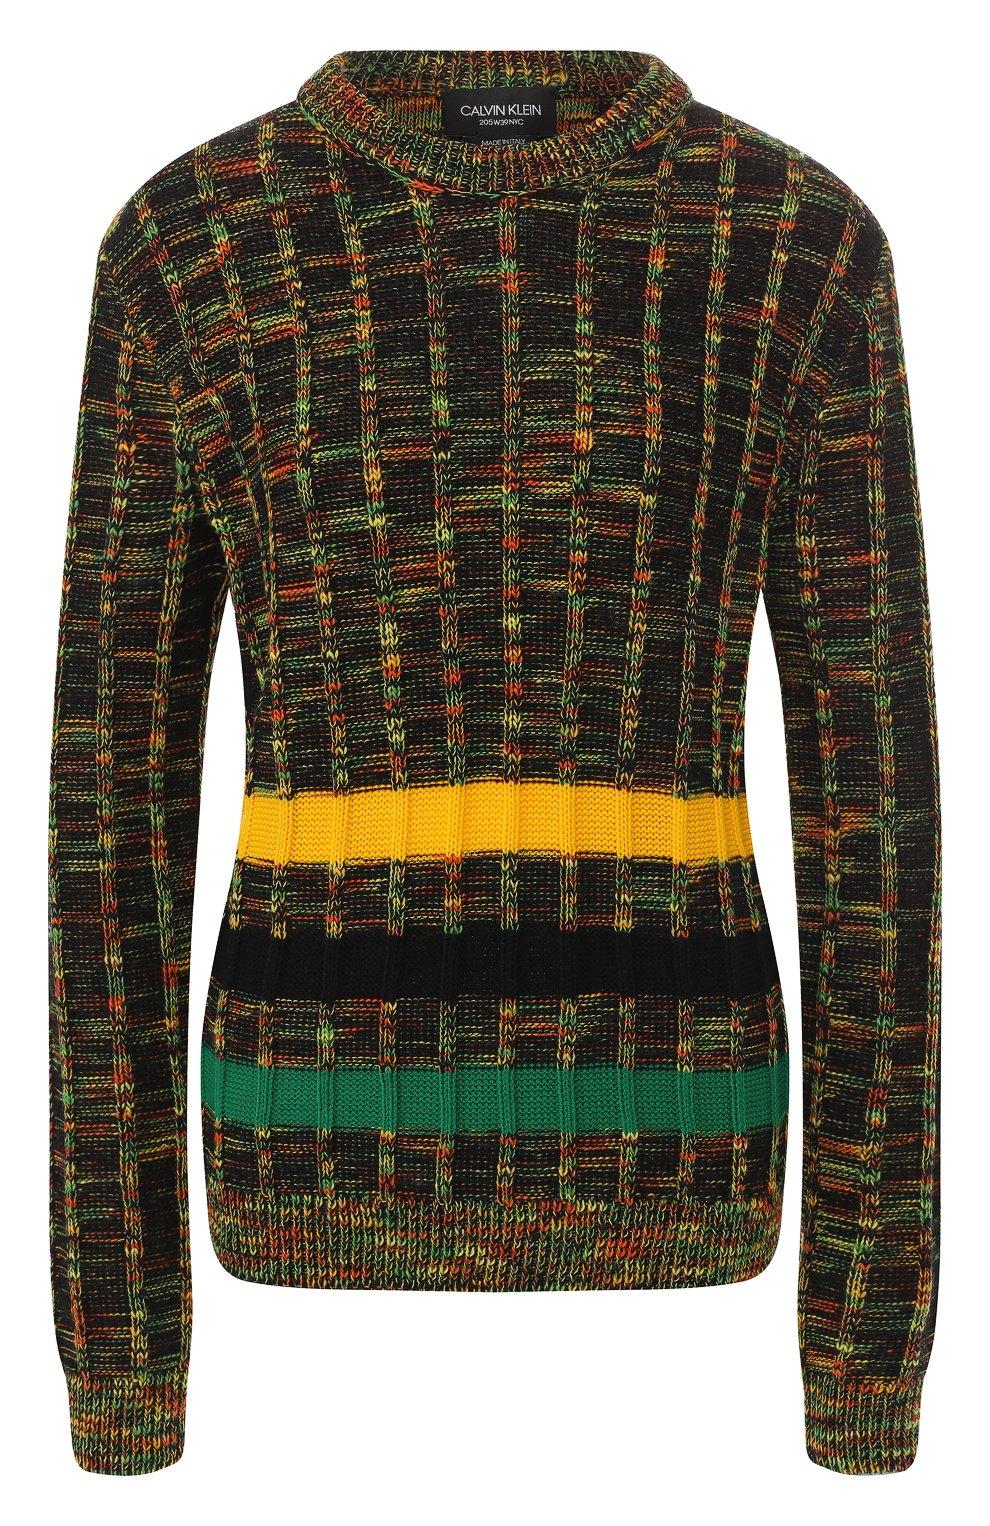 Шерстяной пуловер CALVIN KLEIN 205W39NYC разноцветный | Фото №1